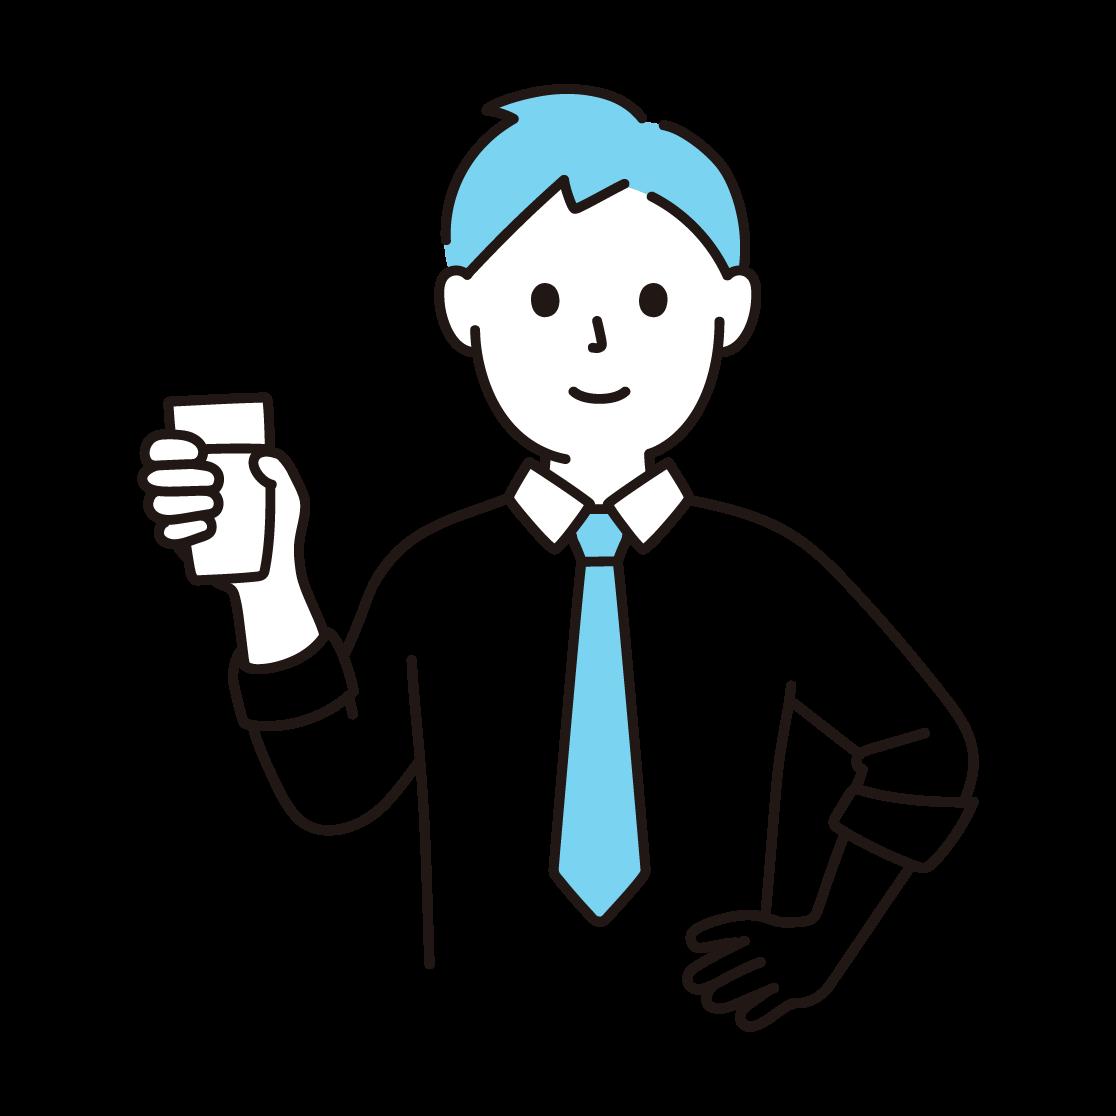 牛乳の入ったコップをもつ人の単色イラスト